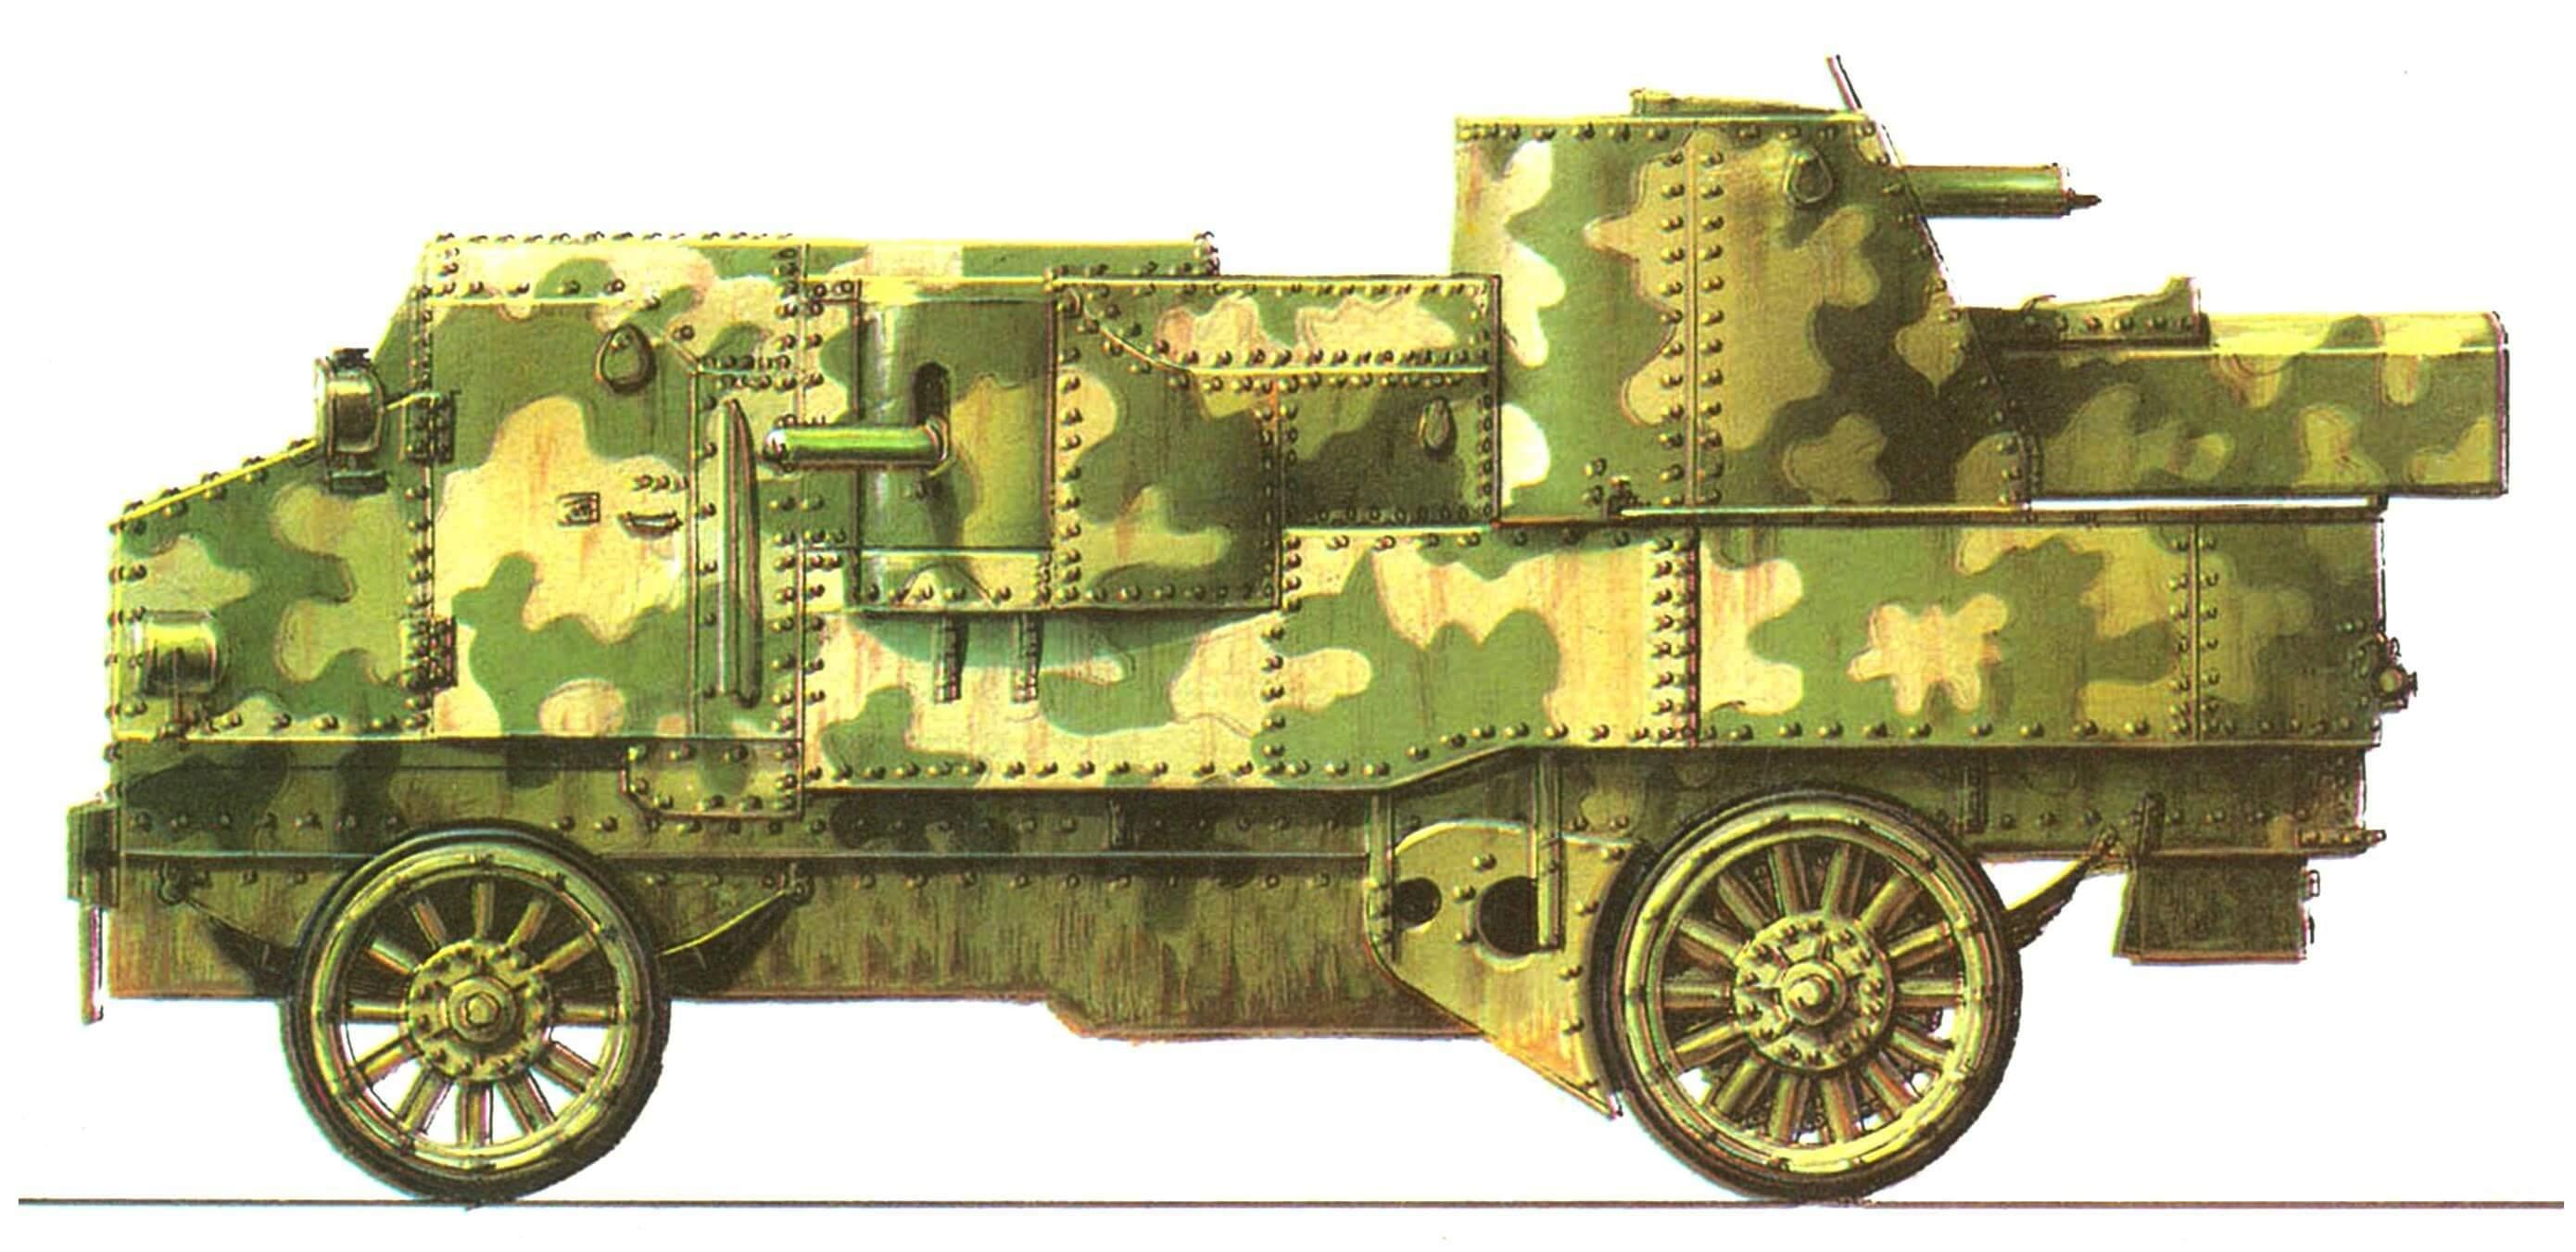 «Гарфорд» в одном из вариантов окраски броневых машин Красной Армии. 1919 год.